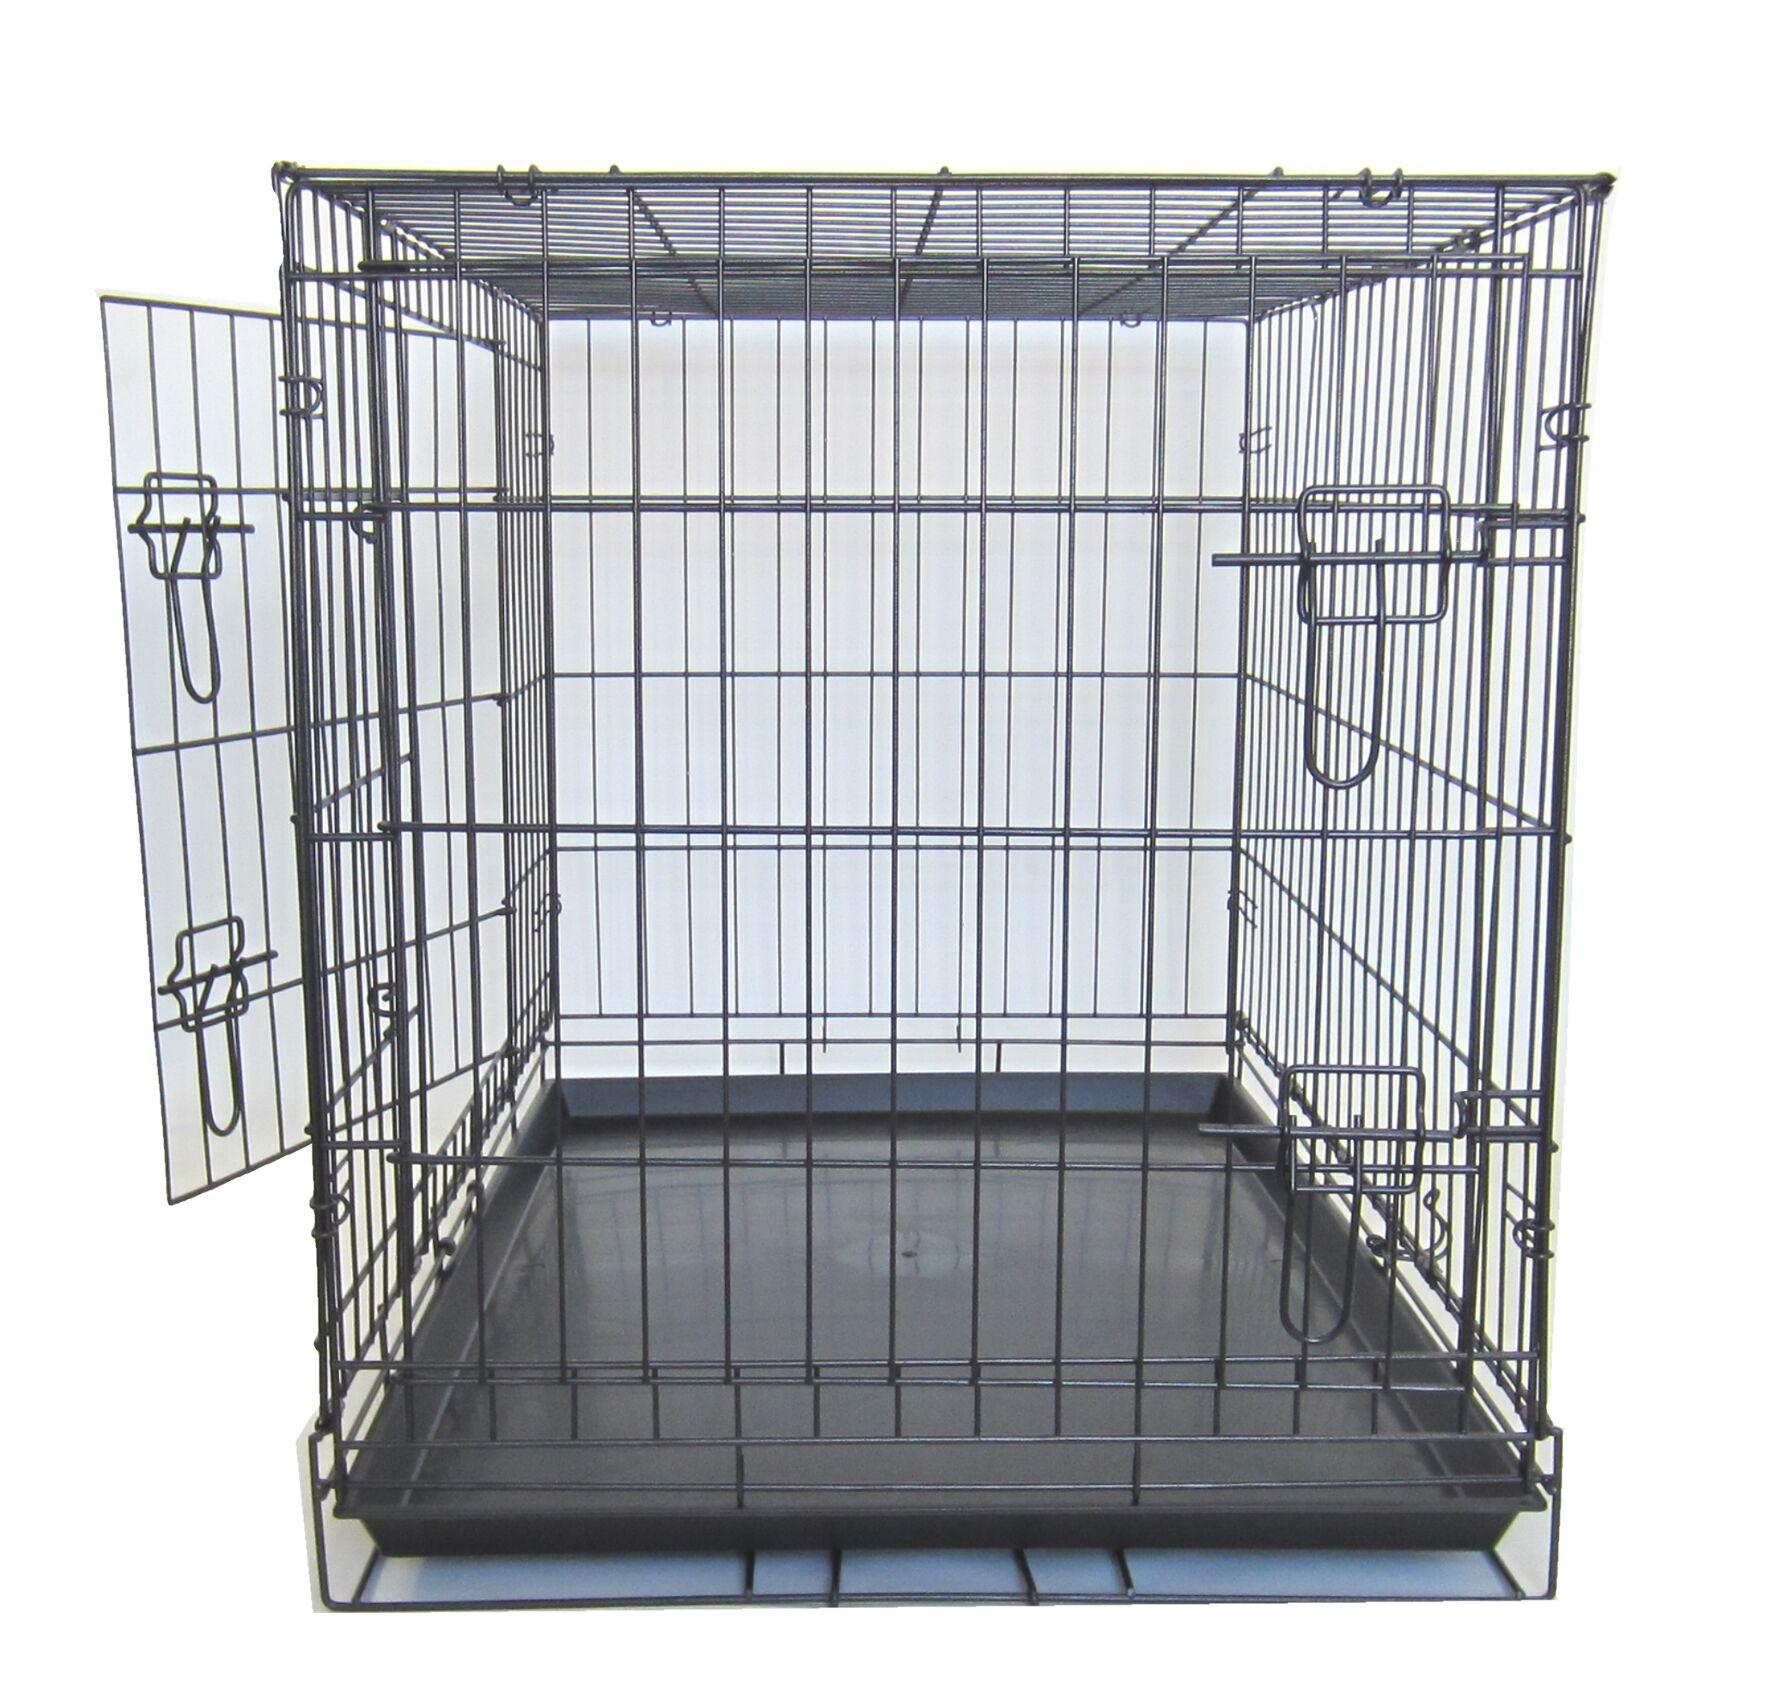 Double Door Pet Crate Size: 42